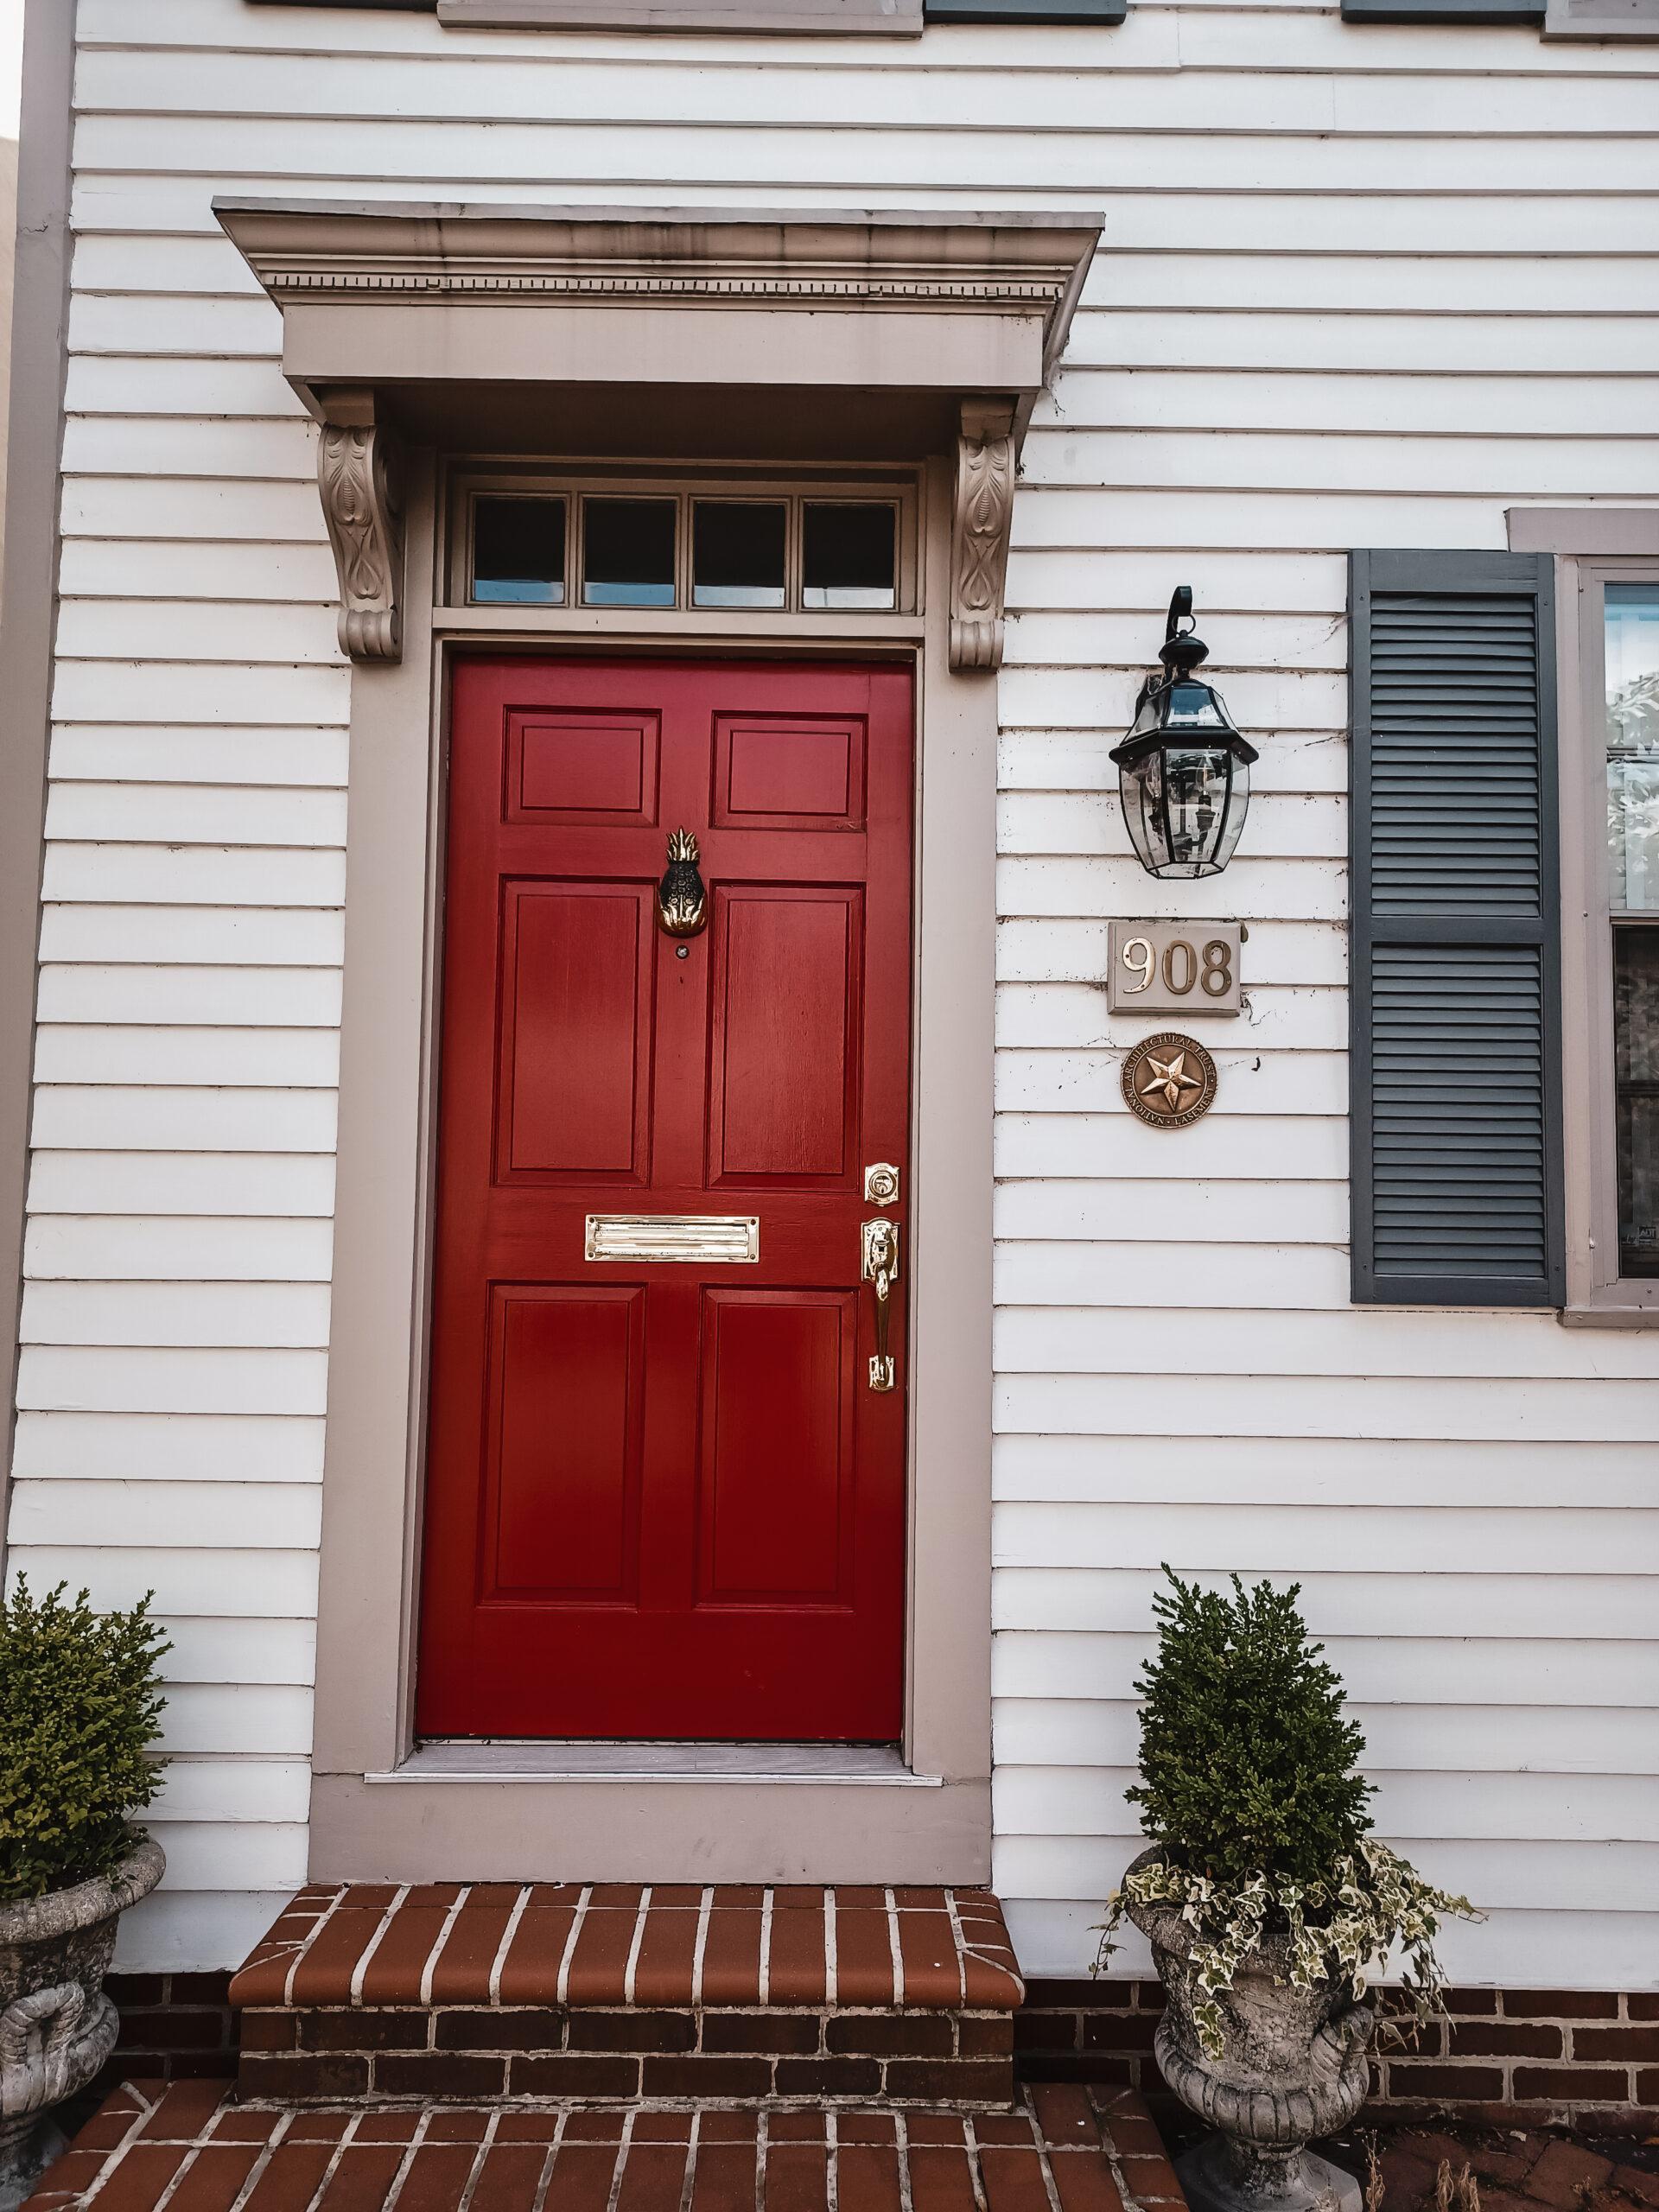 Alexandria Virginia home with red door